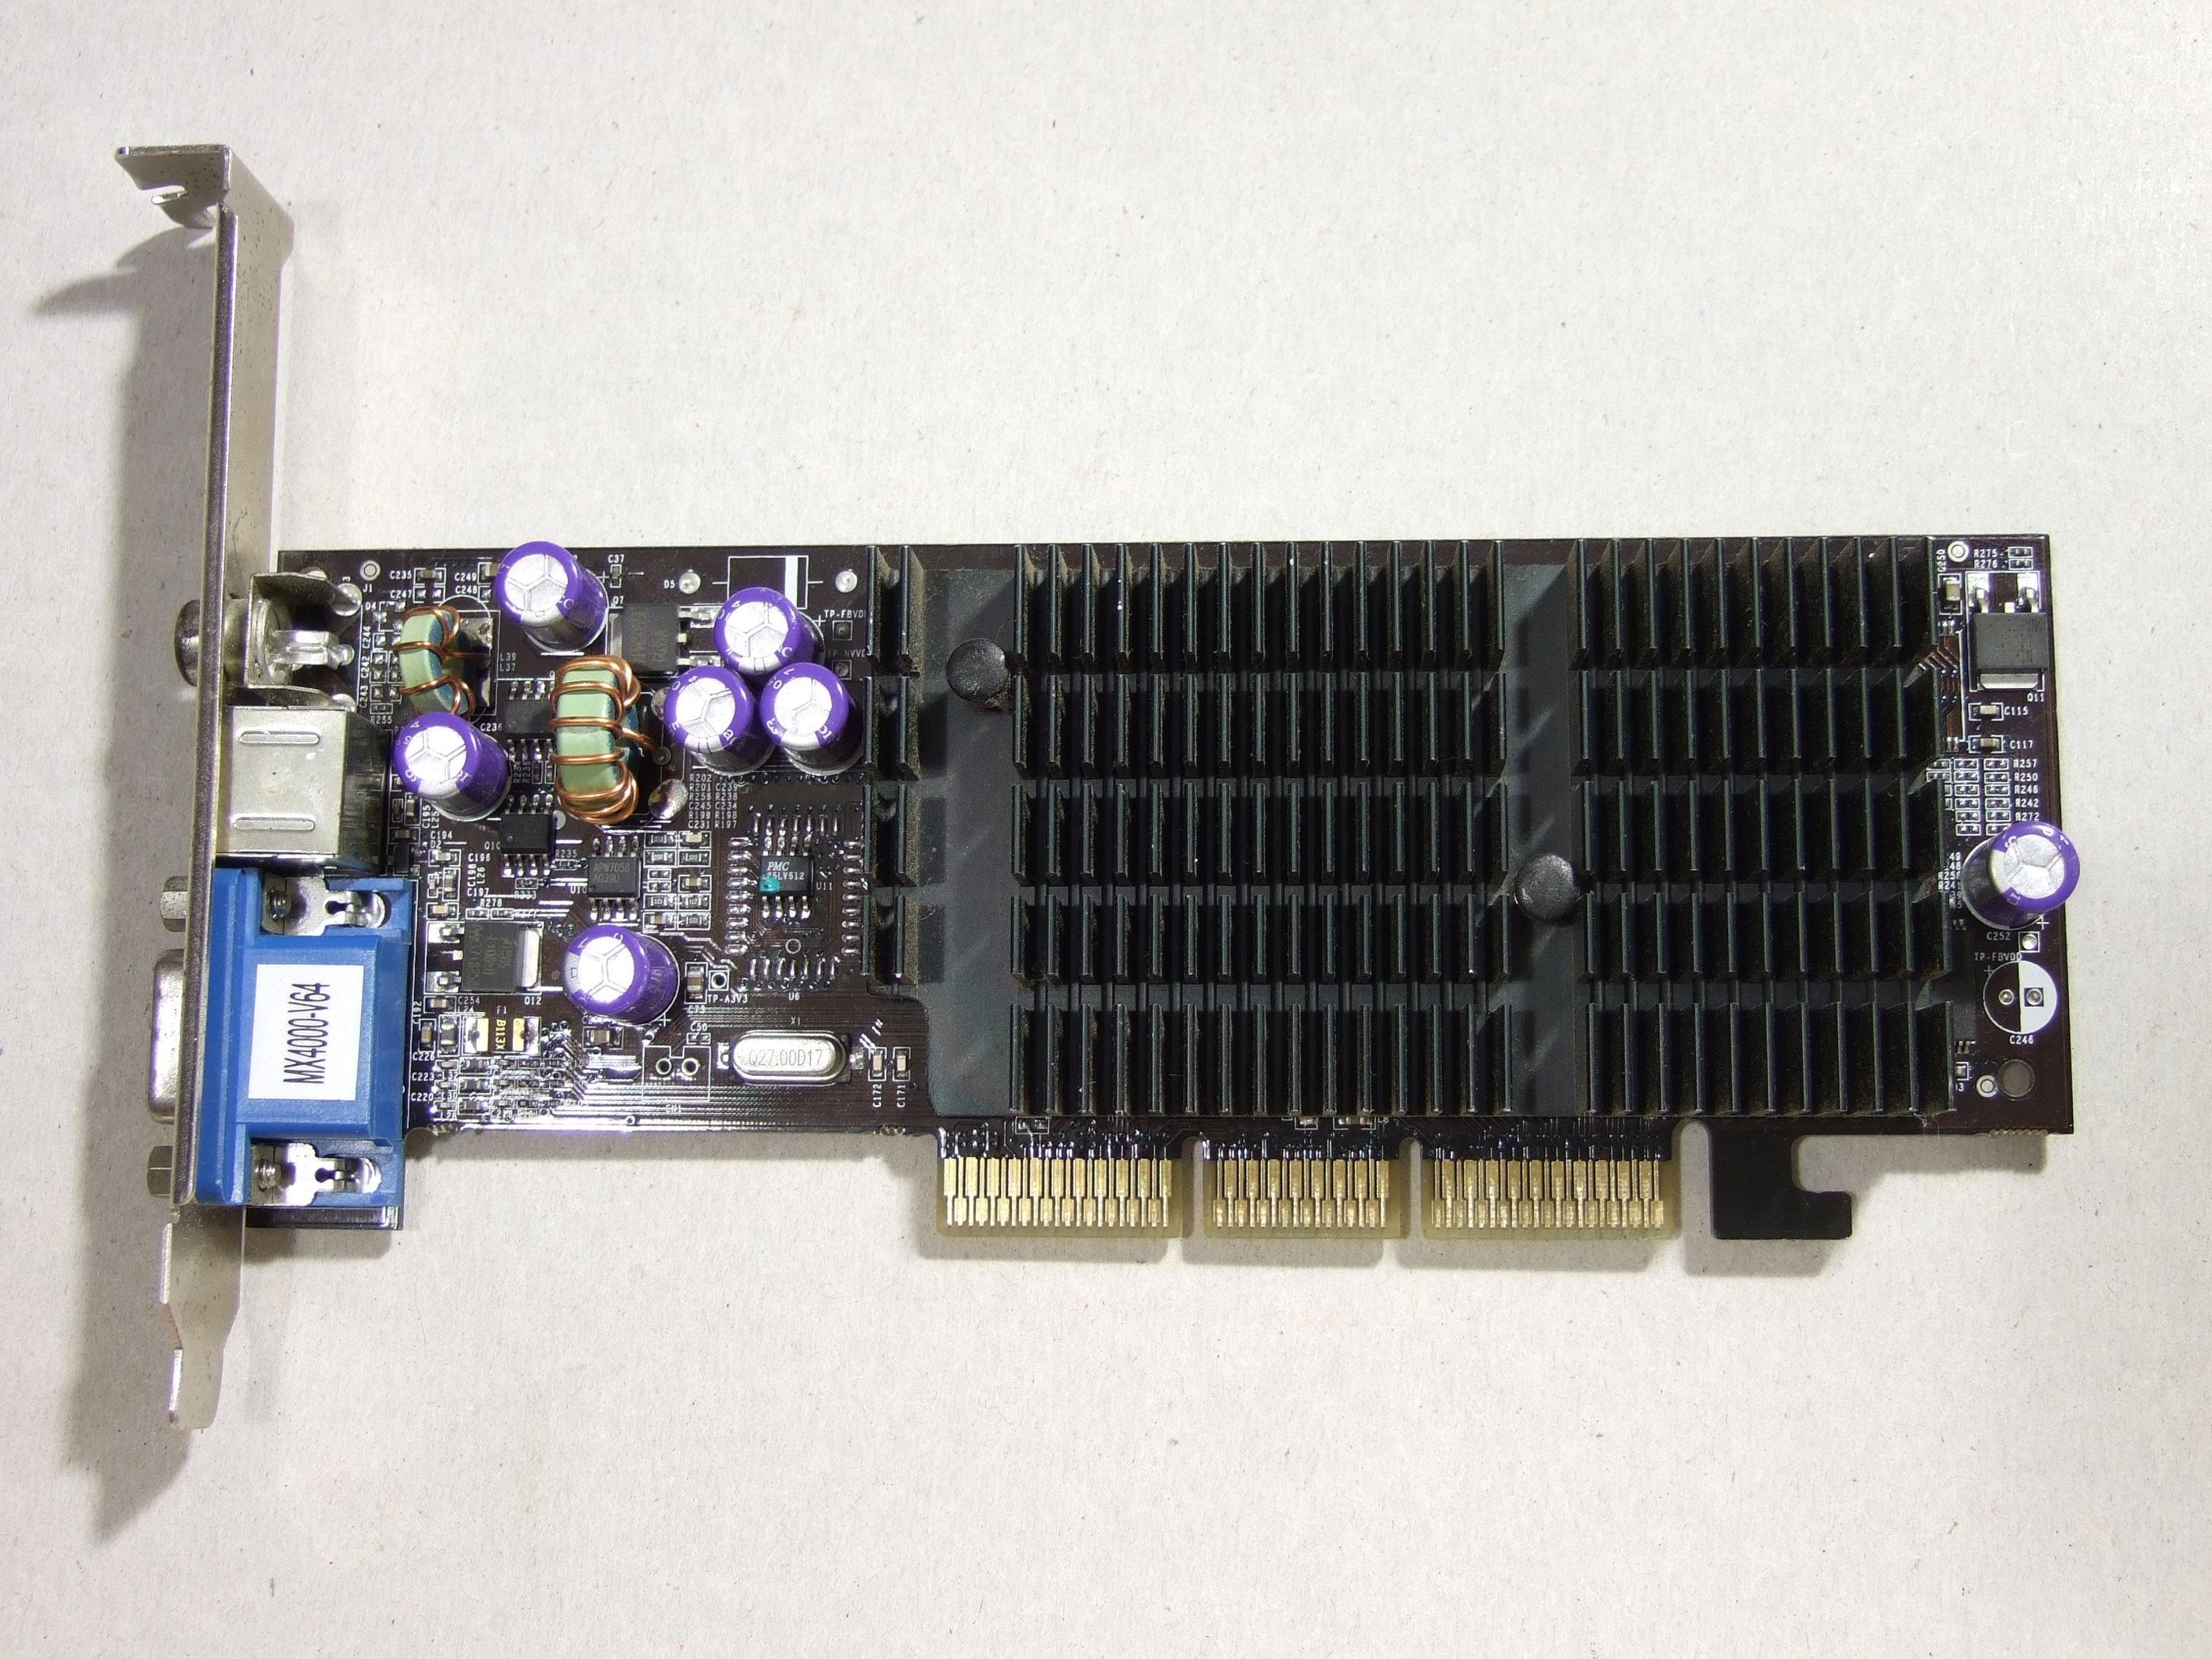 Geforce4 MX4000 32bit 64Mb.JPG